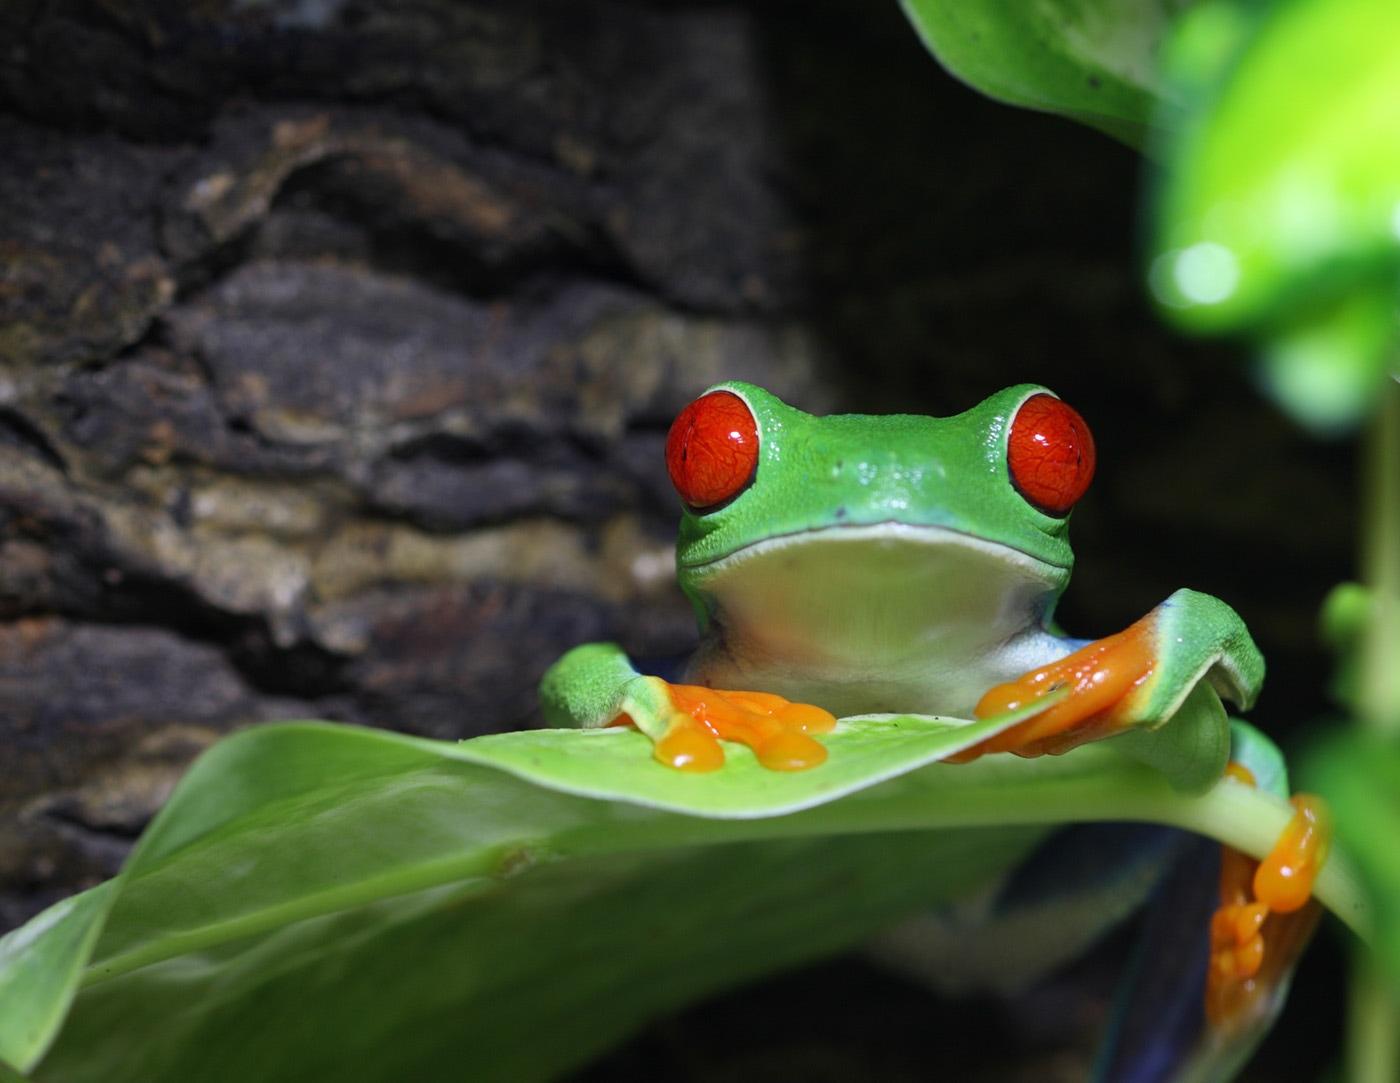 agalychnis-callidryas-red-eye-treefrog